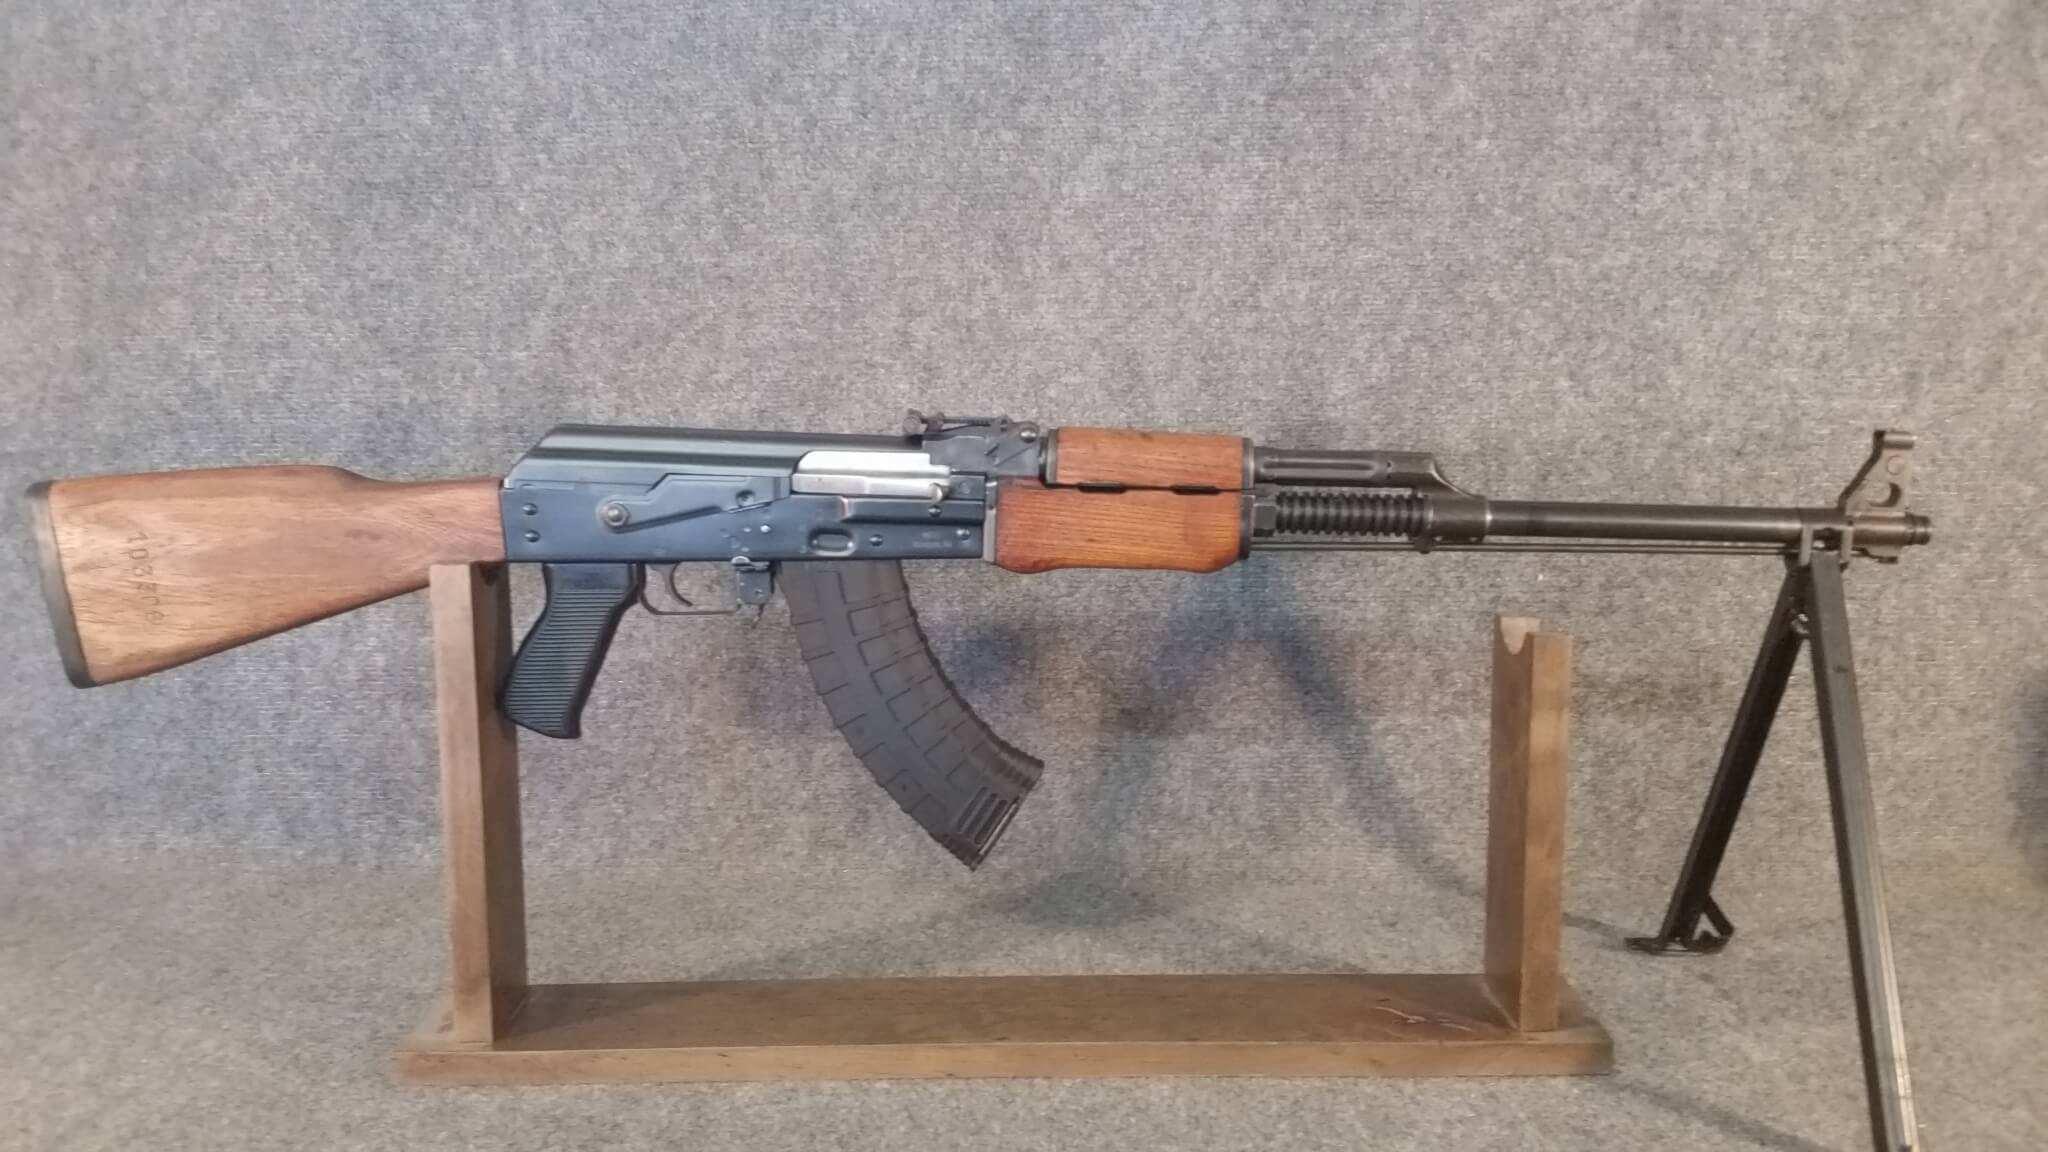 NGS Yugo M72B1 BFPU with surplus wood furniture